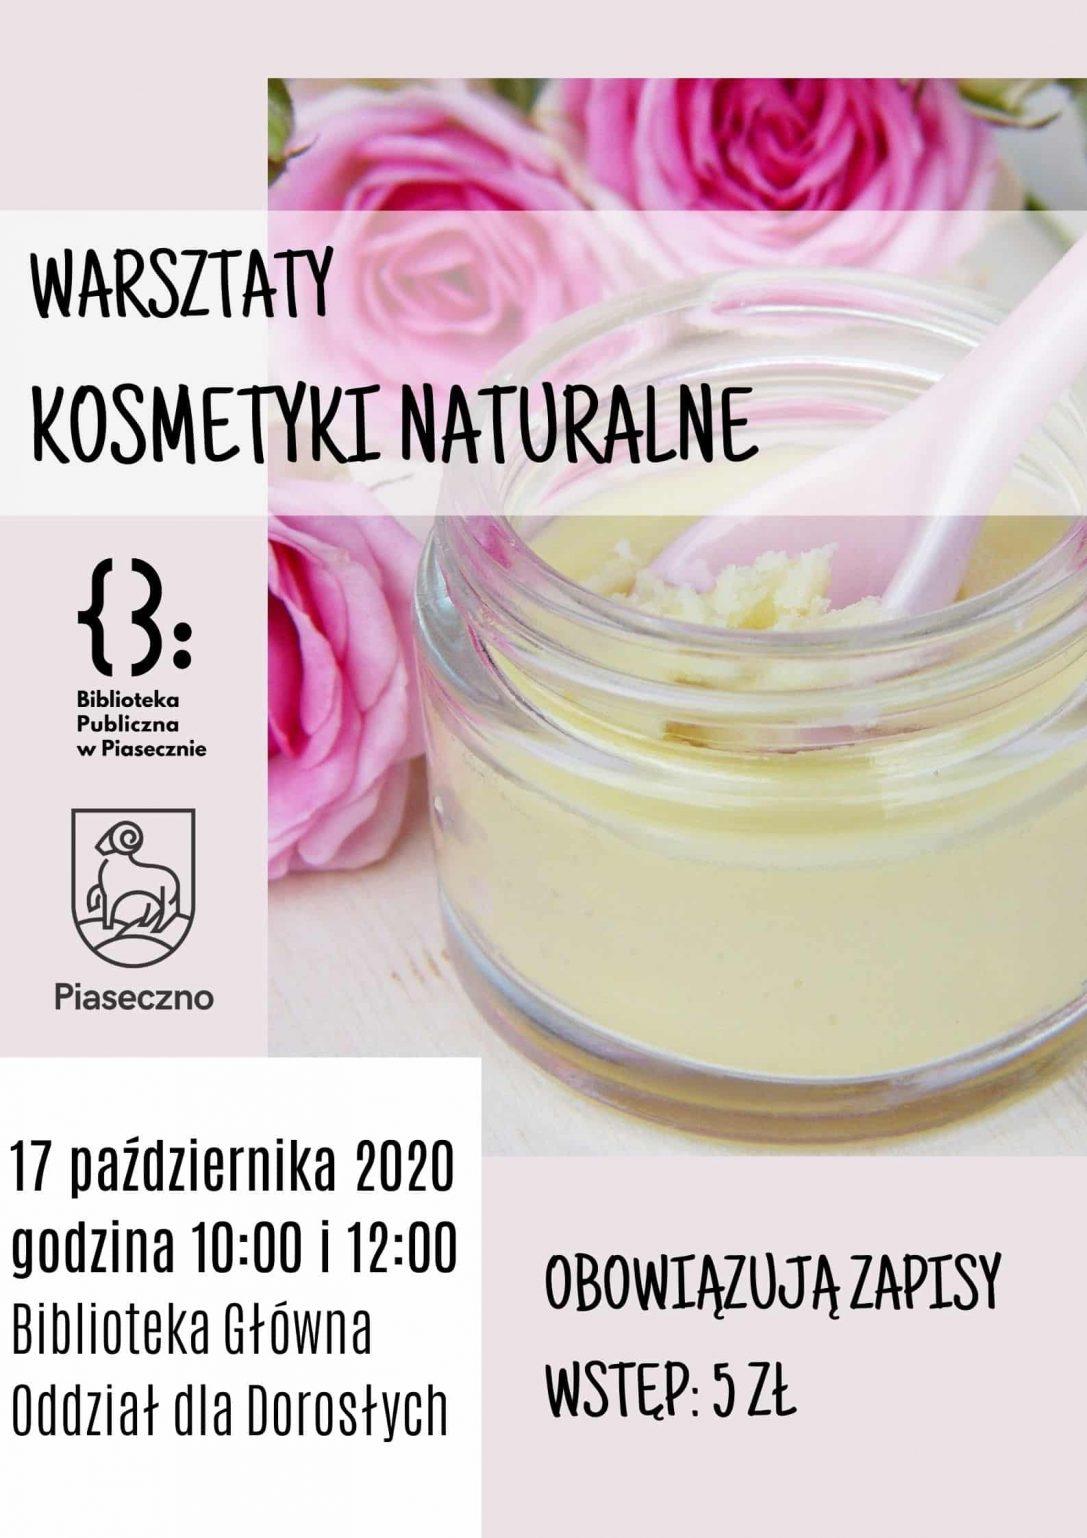 Plakat promujący warsztaty z tworzenia kosmetyków naturalnych